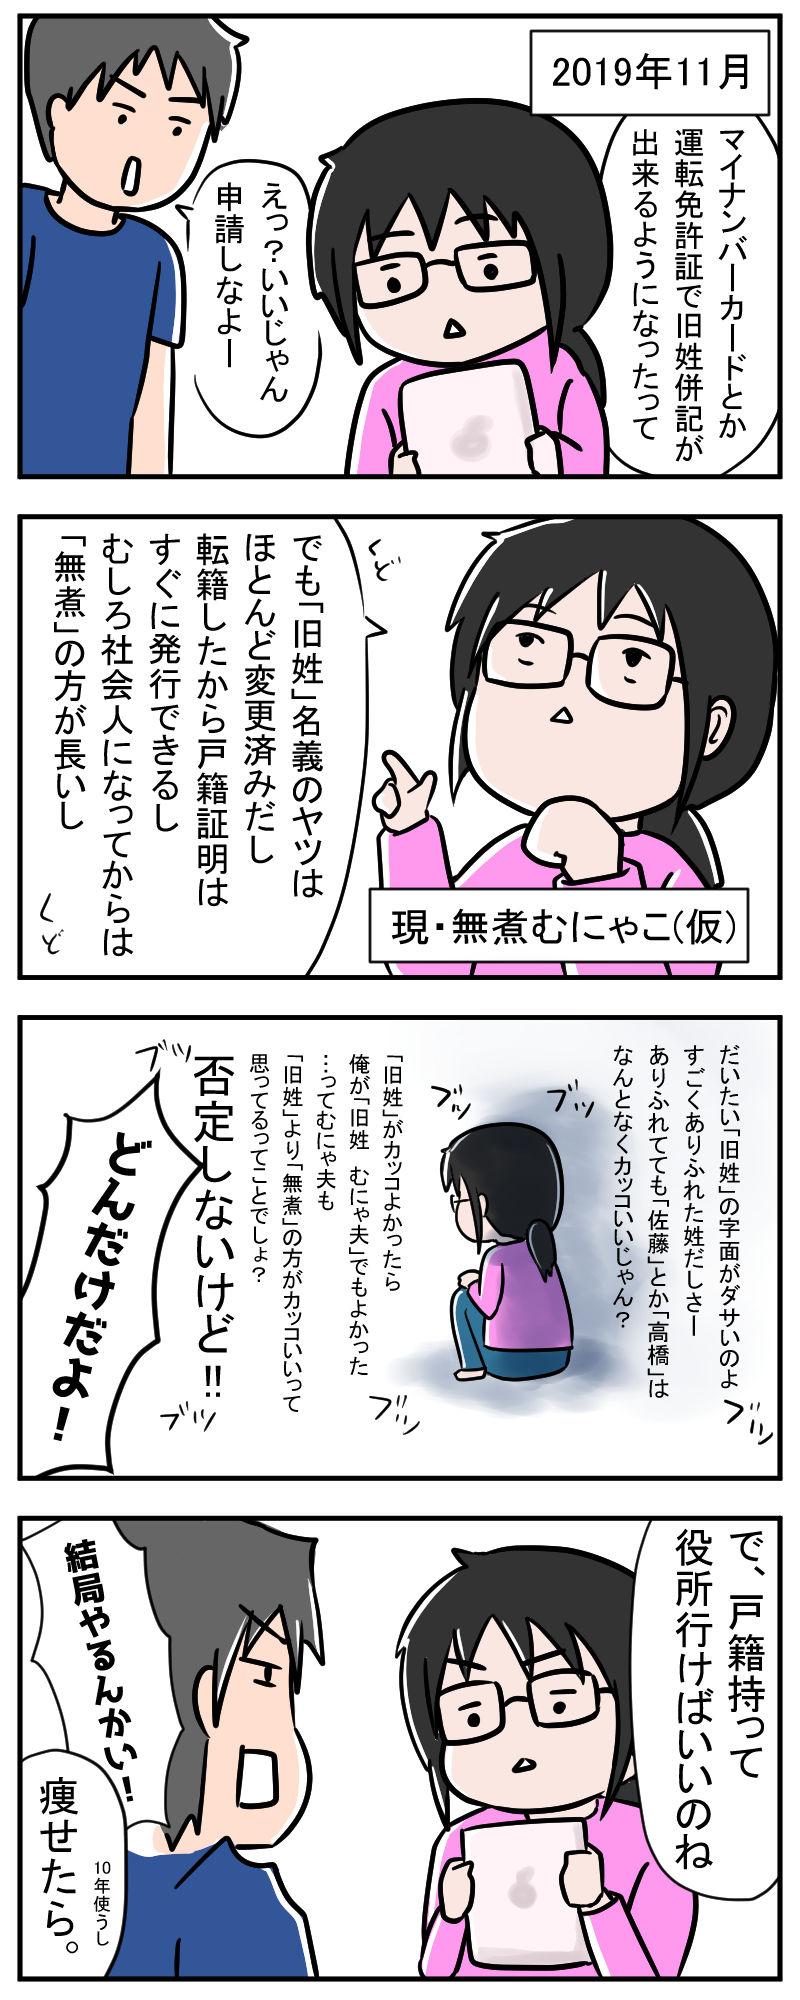 """""""旧姓併記ができるように"""""""